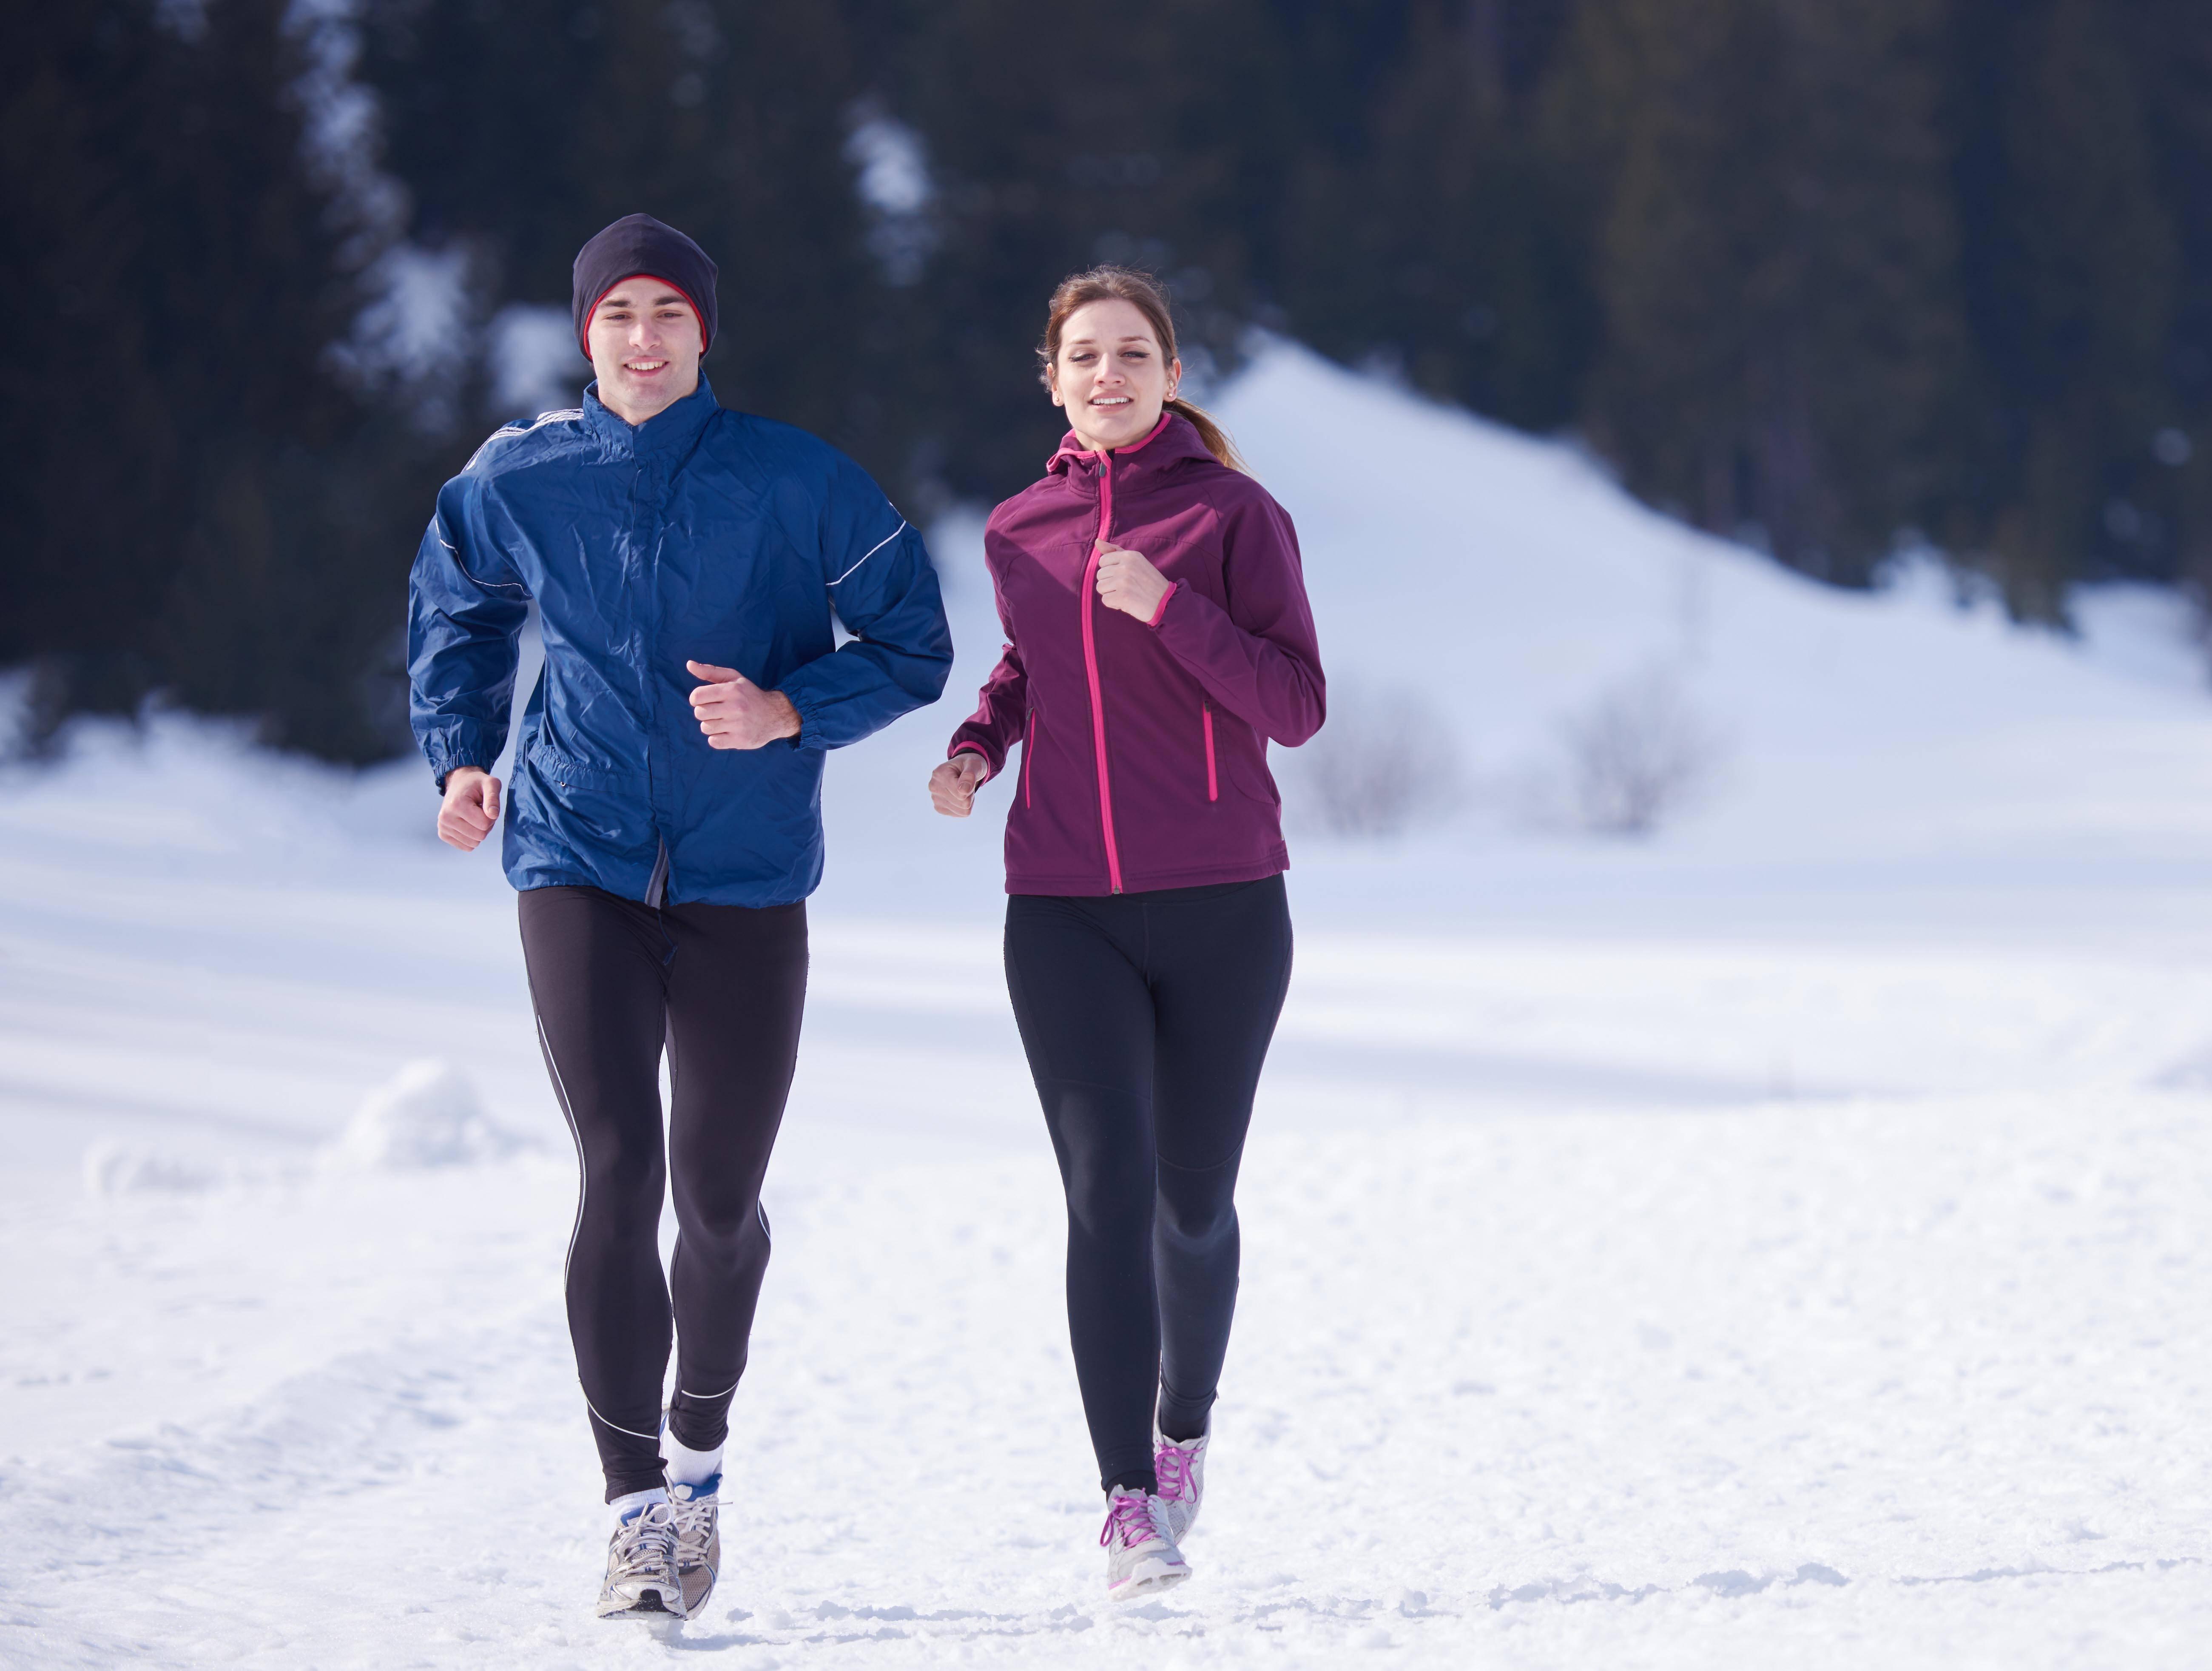 Эффективен ли бег зимой для похудения?